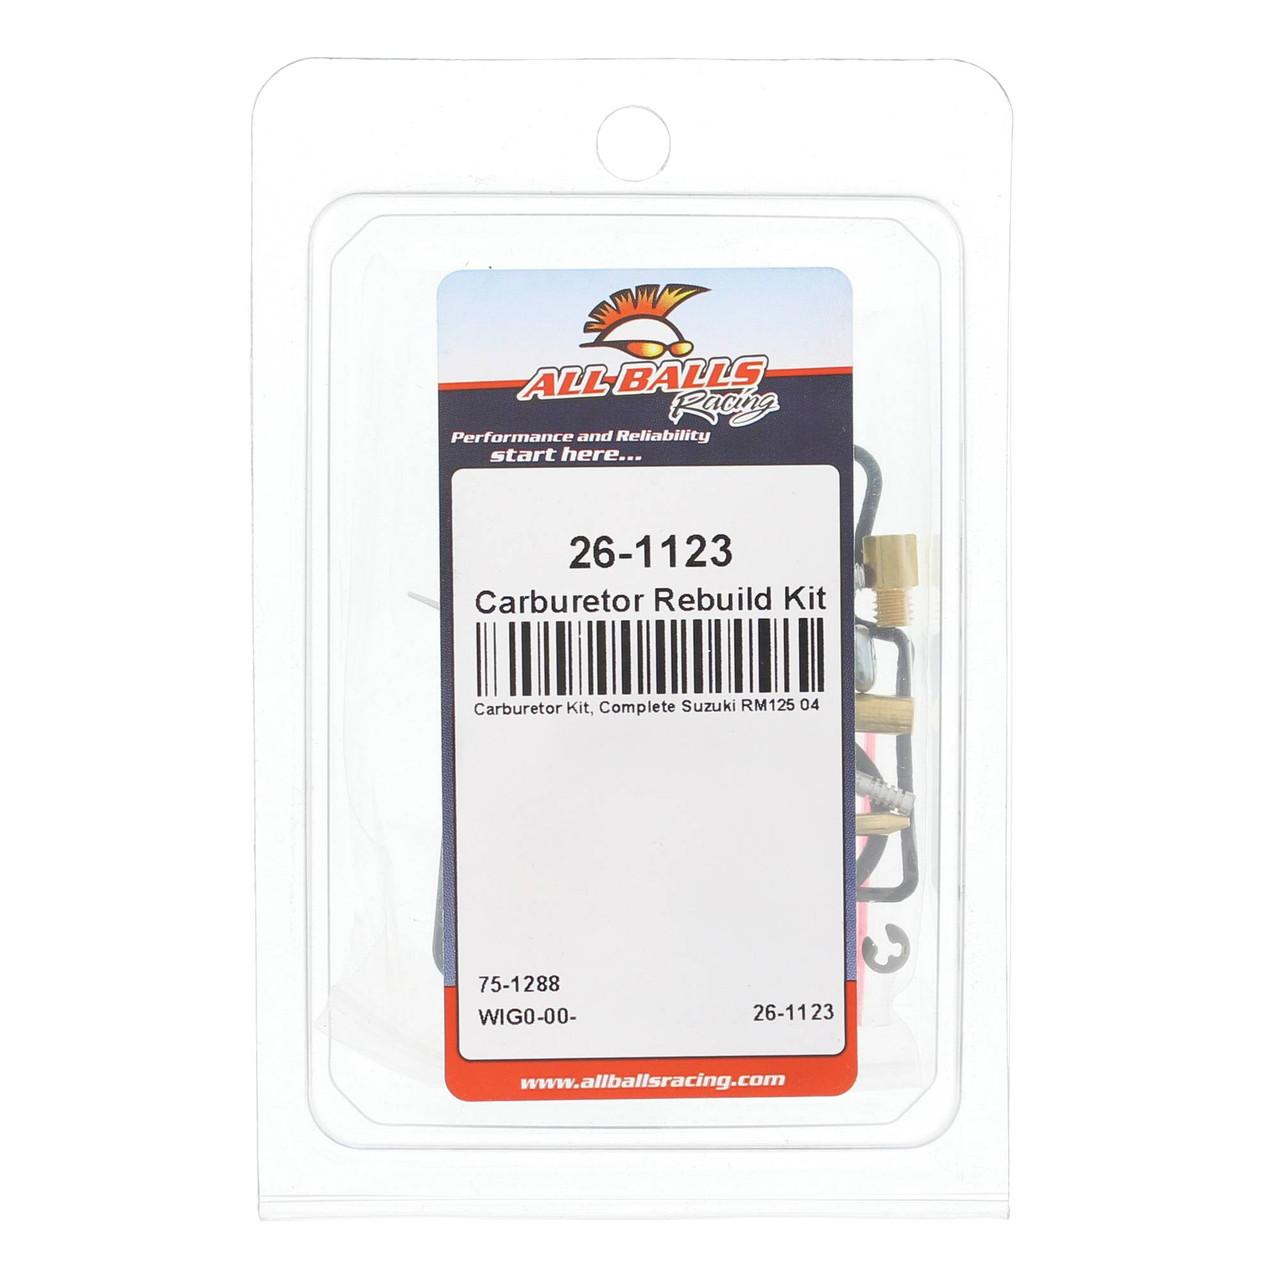 ALL BALLSCARB REPAIR KIT Suzuki RM125 2004 26-1123